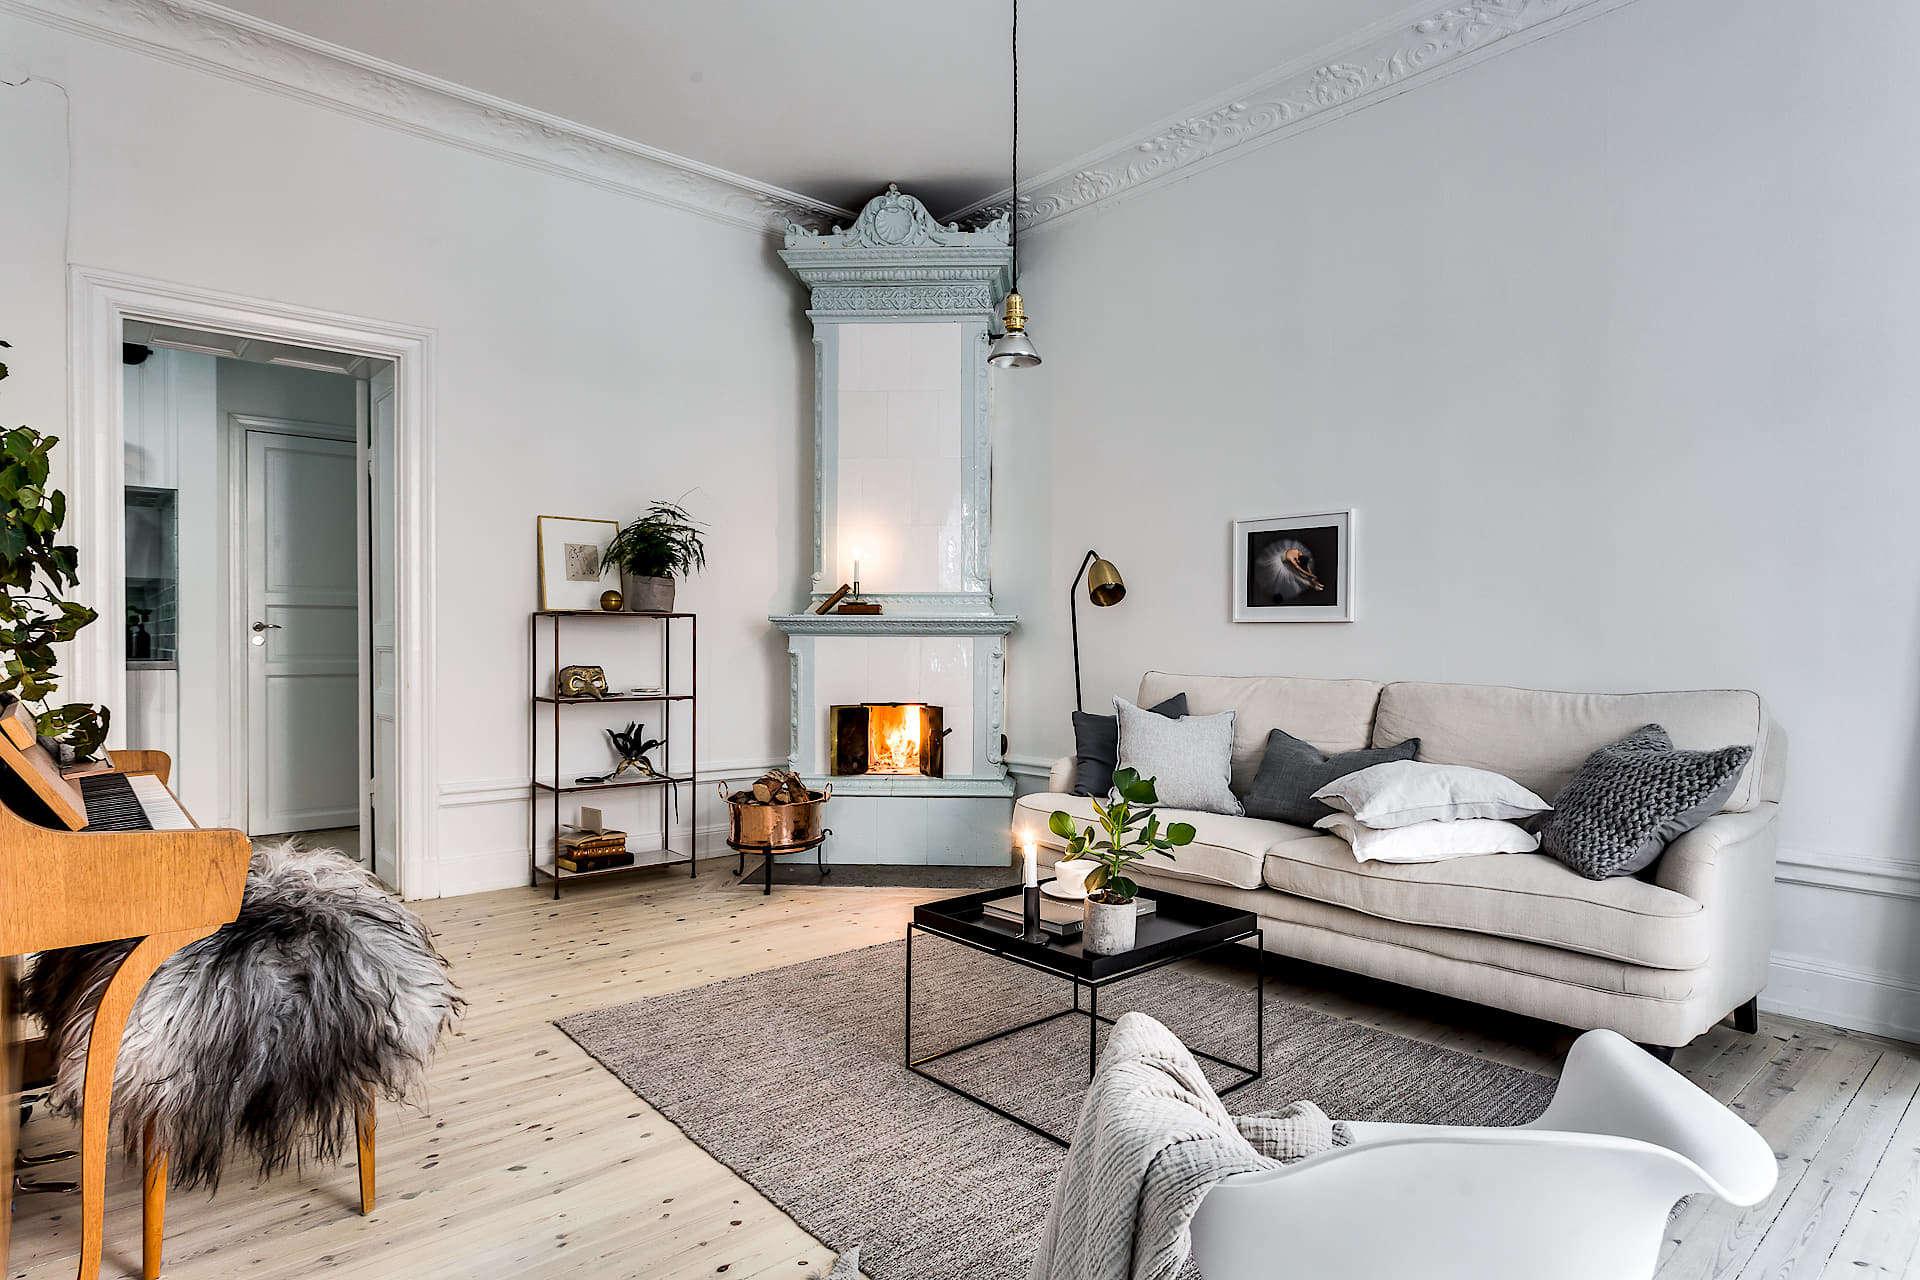 Lägenhet på Hemnet, Hökens gata, Stockholm, Svenska Mäklarhuset.